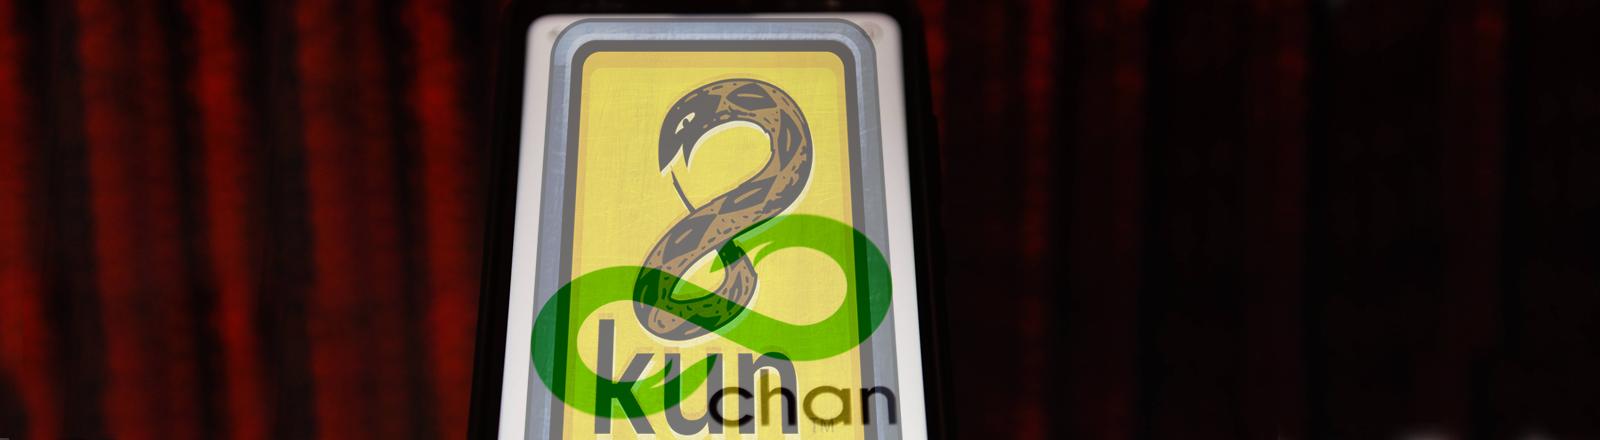 Das Logo von 8chan auf einem Smartphone. Darübergeblendet das Logo von 8kun